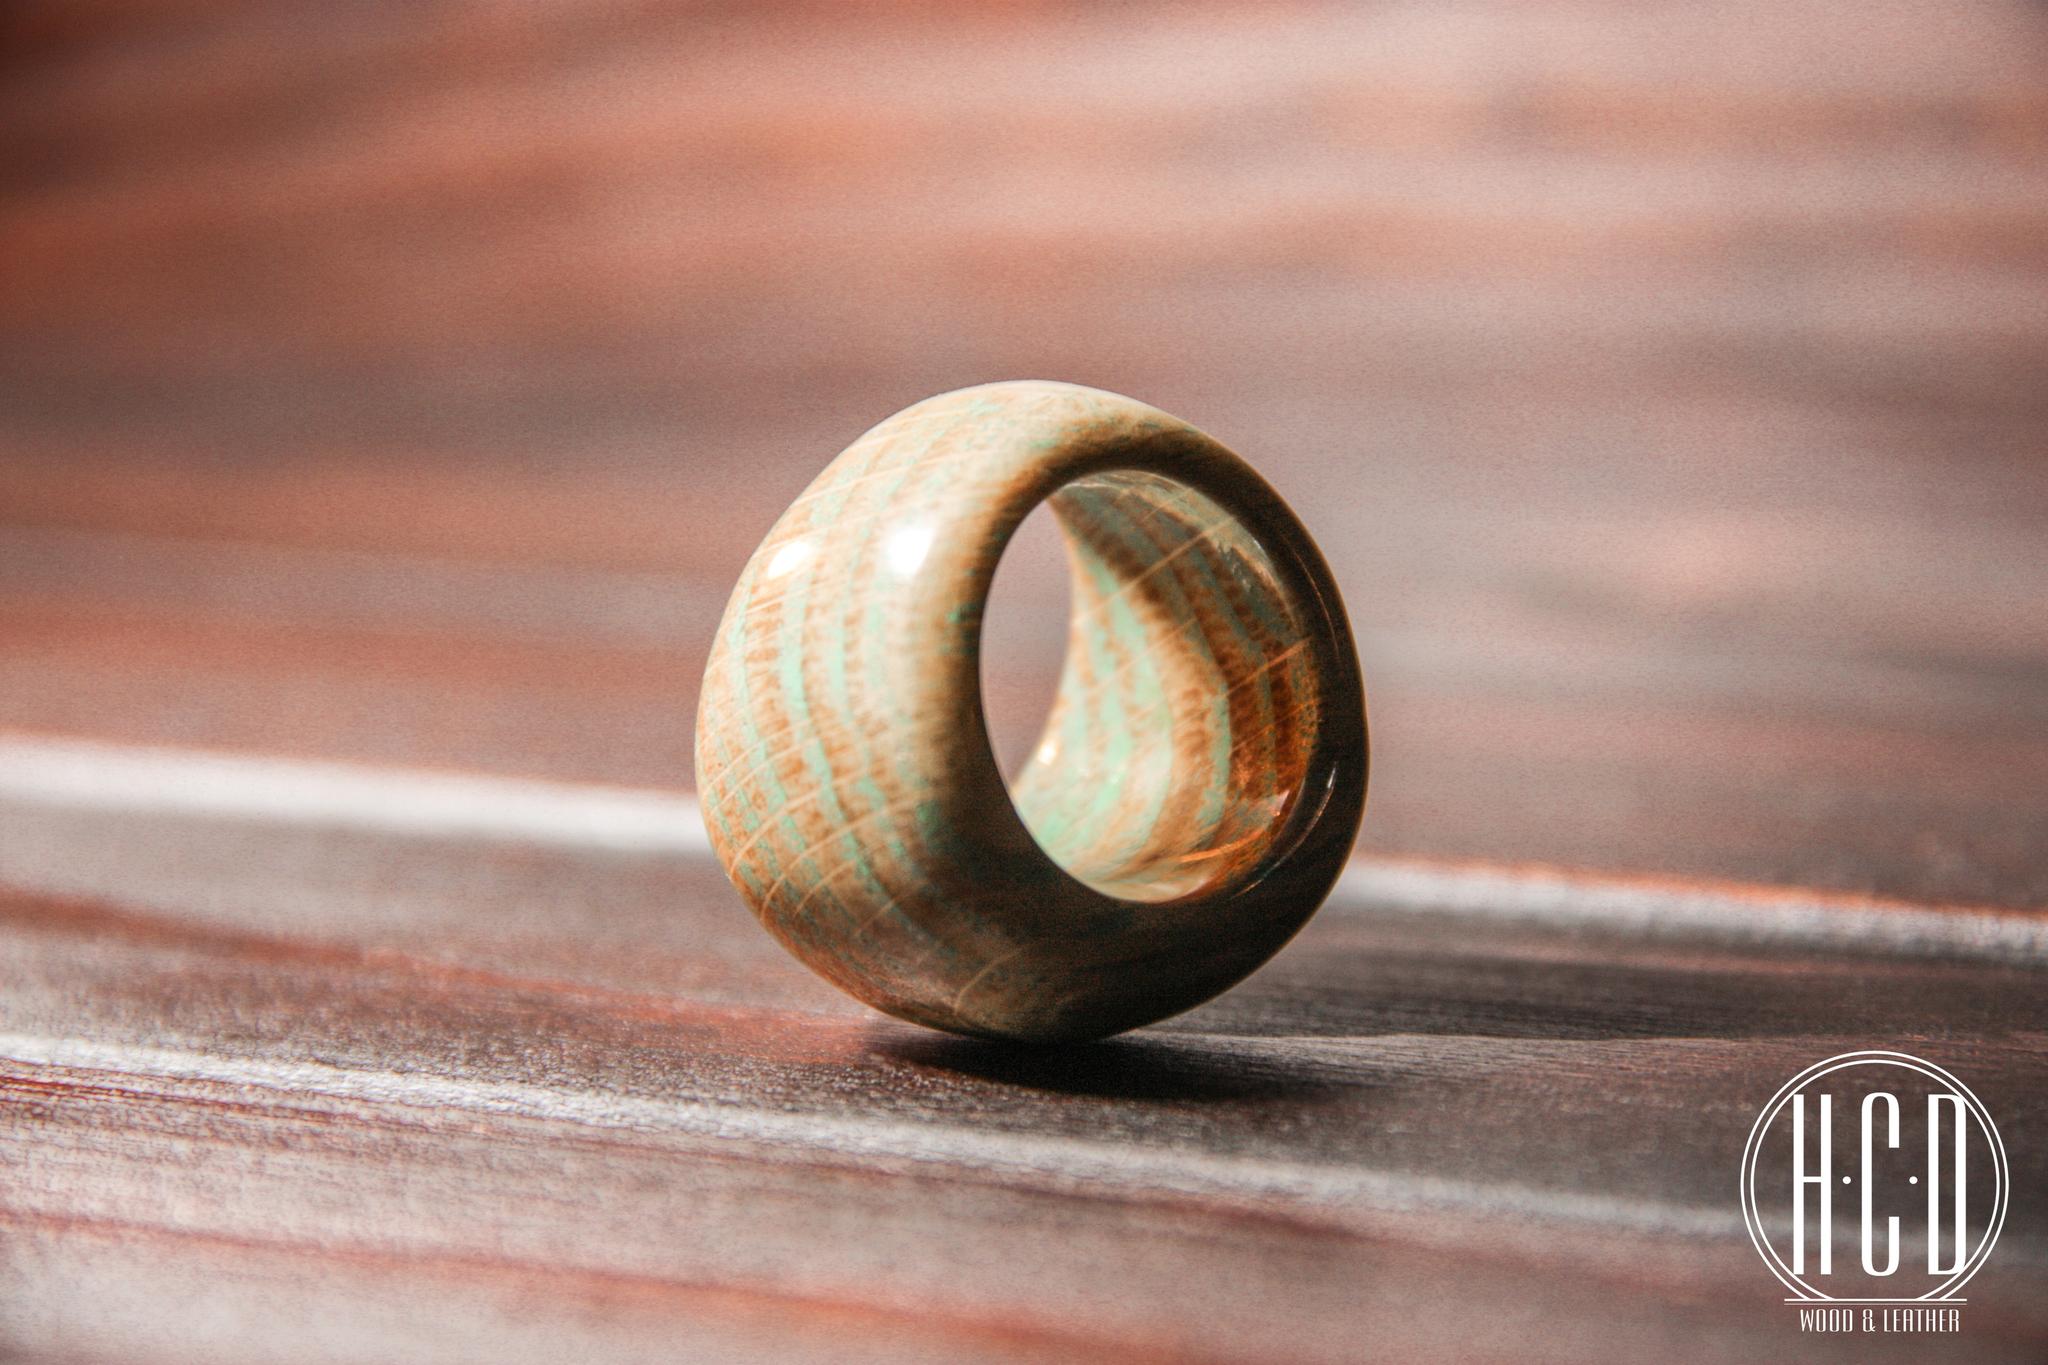 Деревянное кольцо с прокрашенными волокнами (Дуб)